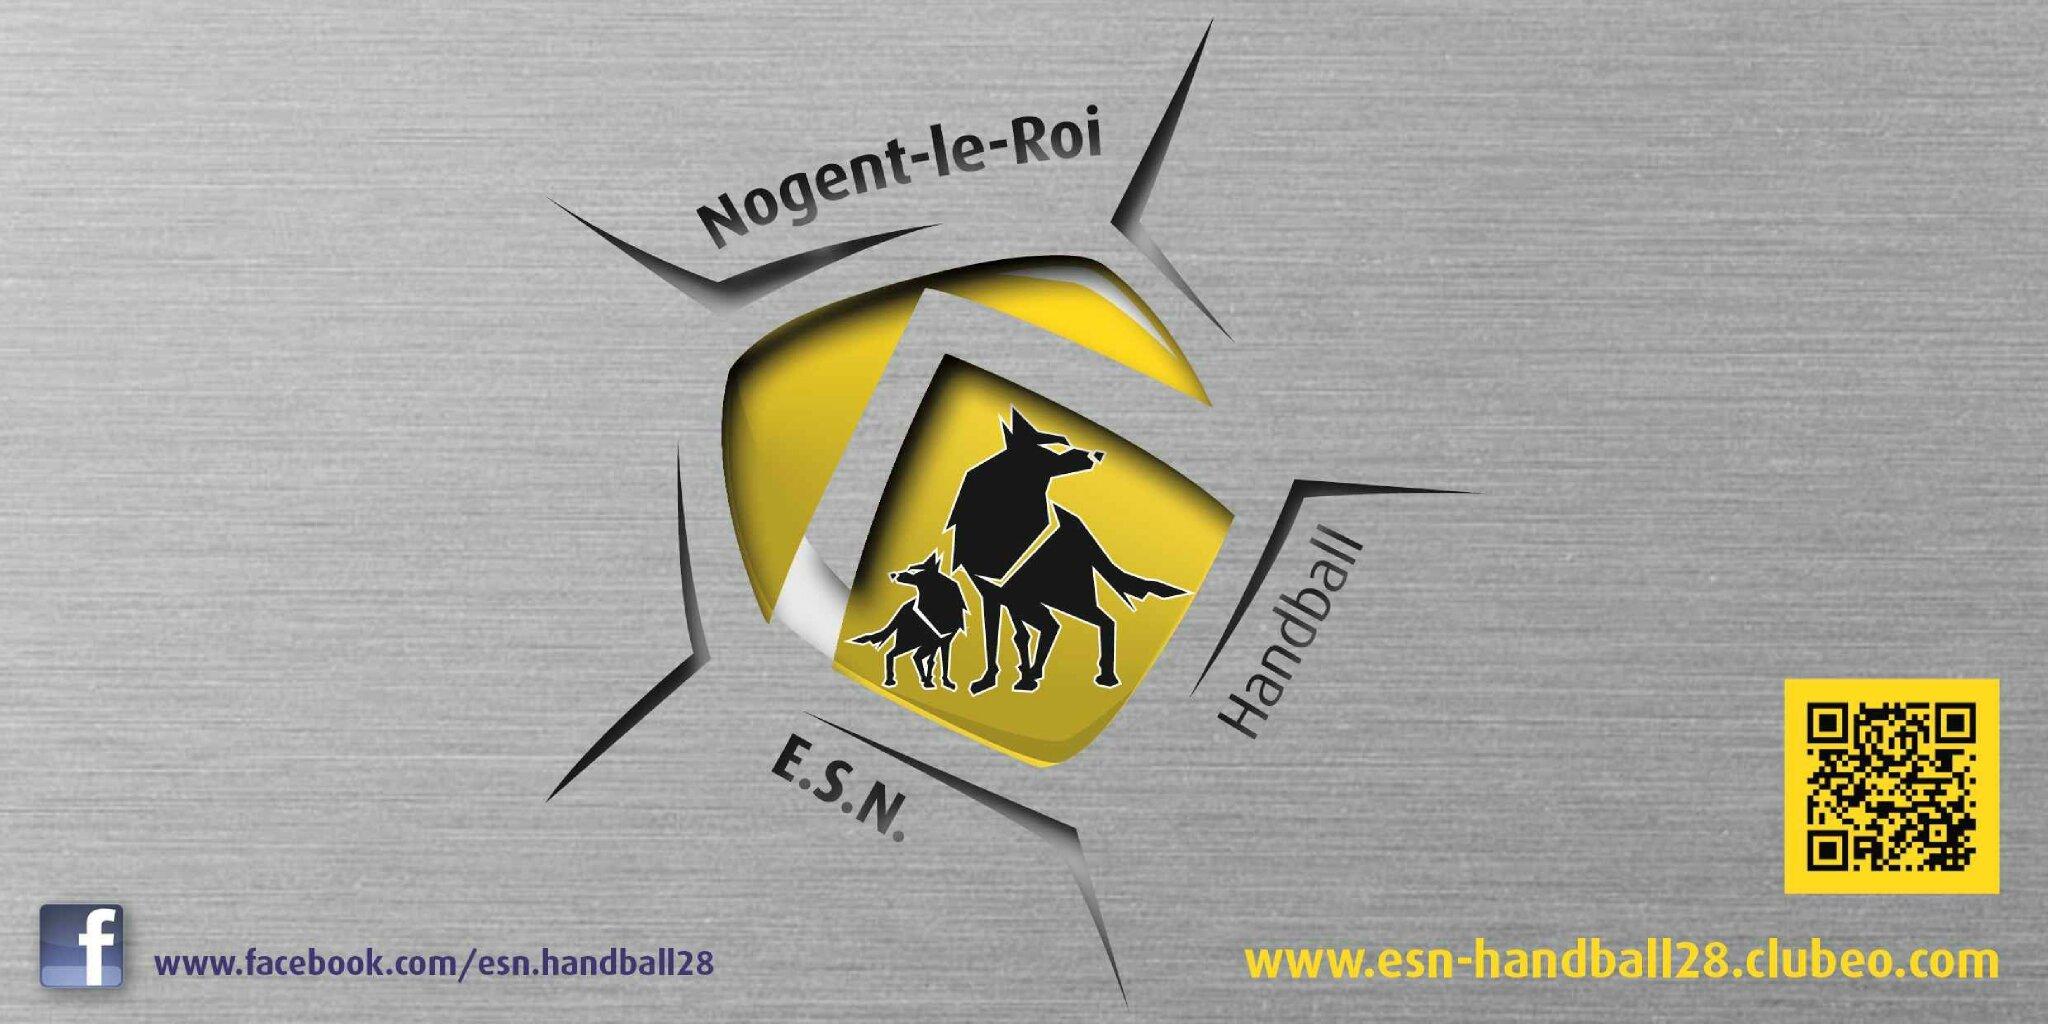 Championnats départementaux de hand ball: une journée d'exception avec l'ESN Hand-ball à Nogent-le-Roi, le 8 novembre, 15h